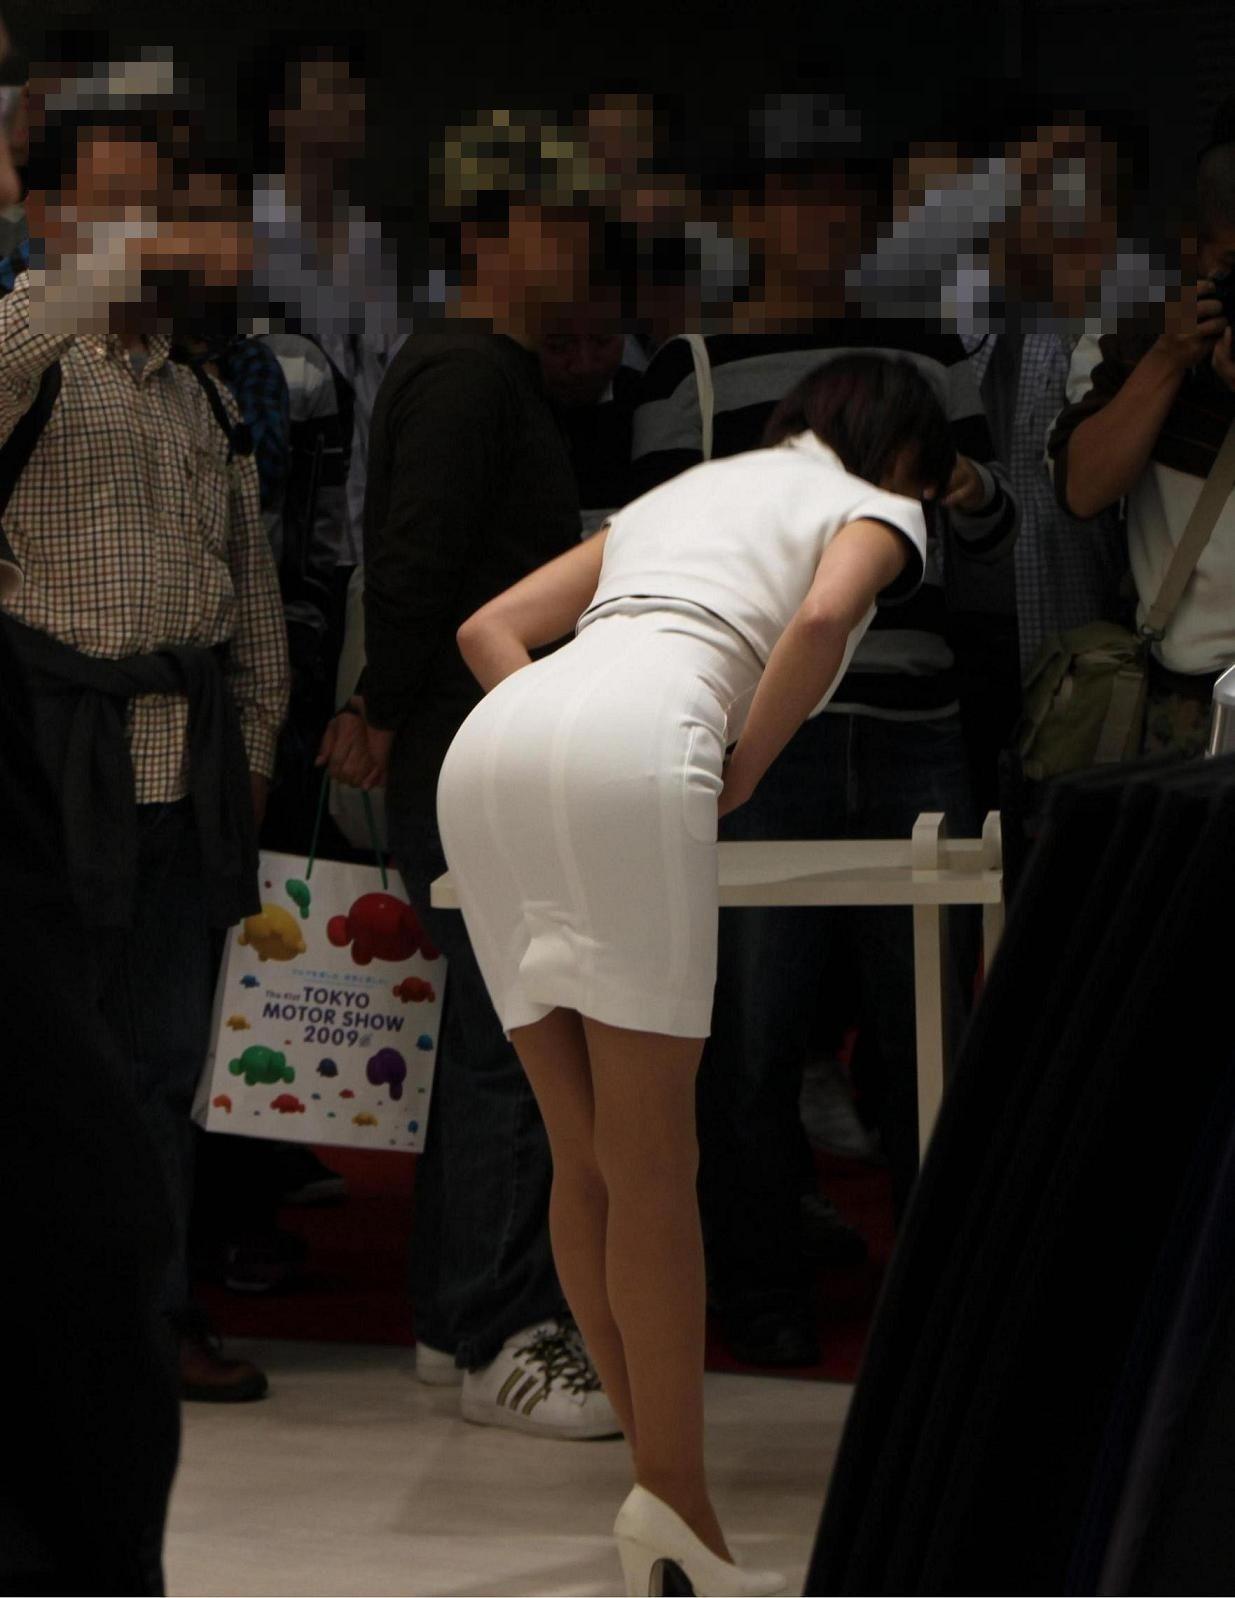 【キャンギャルエロ画像】こんなワガママハミ尻が見放題!イベントのキャンギャル達(゚A゚;)